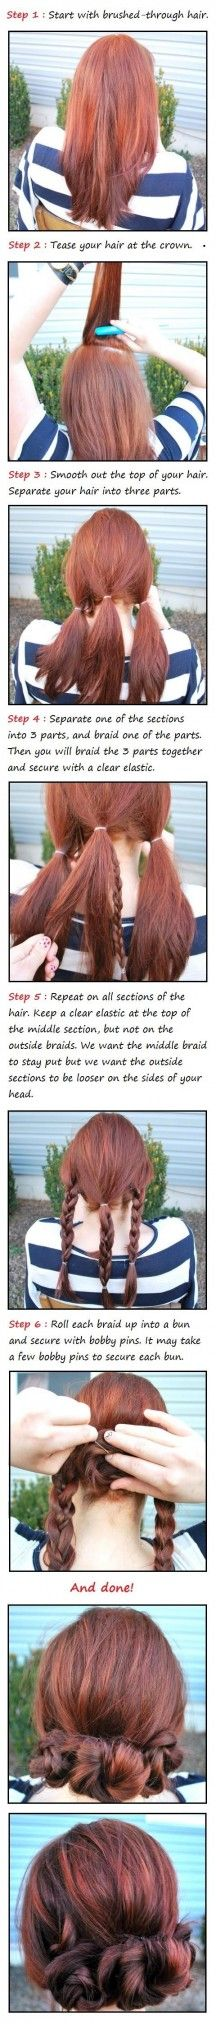 The three Braided Buns Hair Tutorial